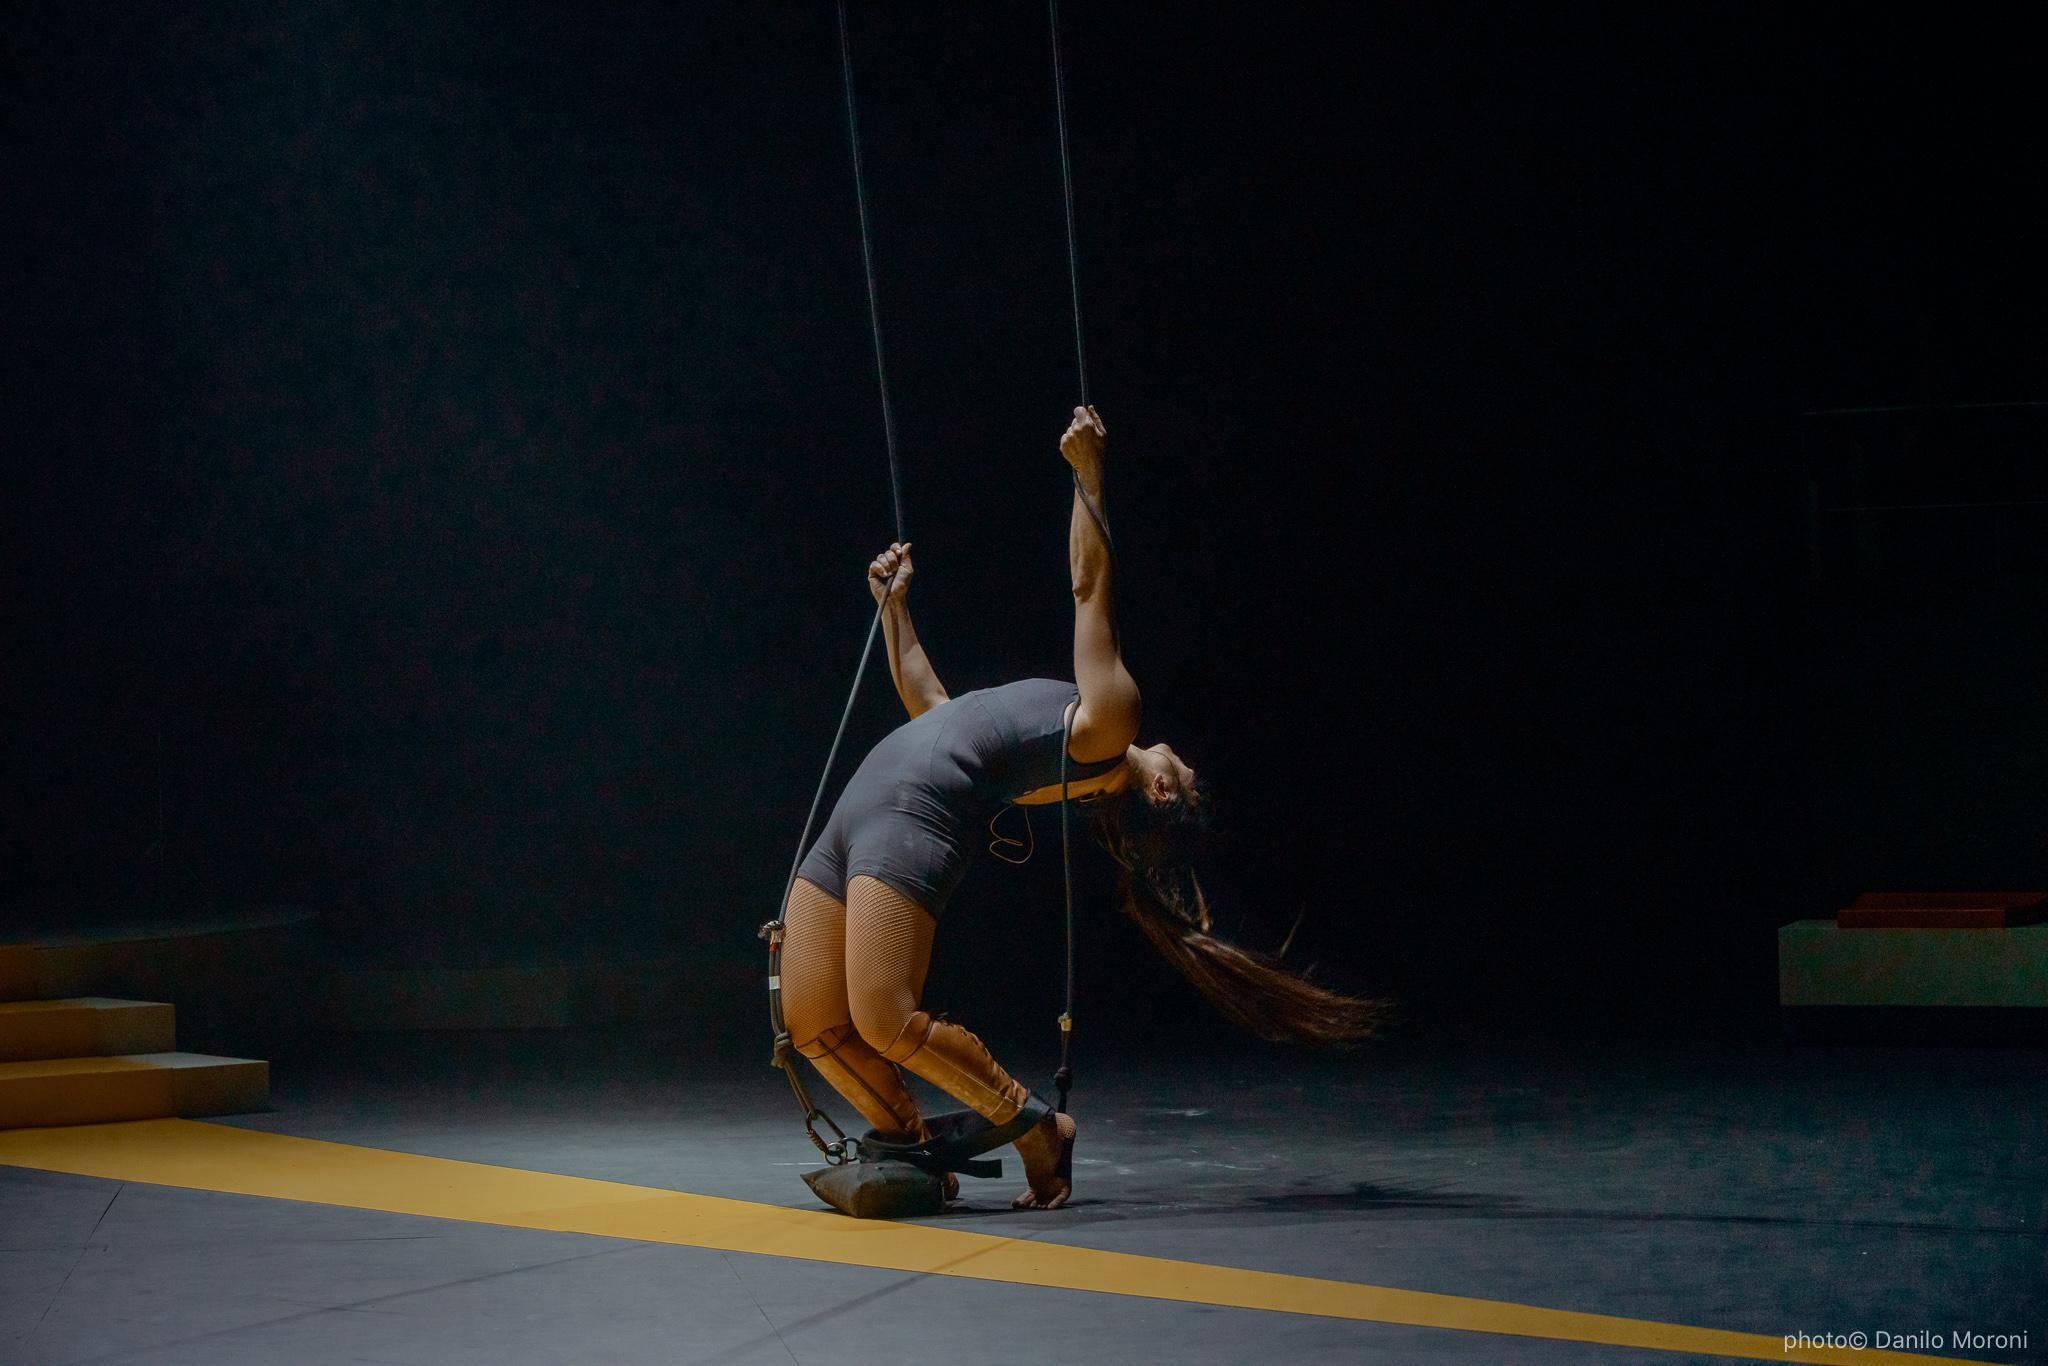 Teatro-en-vilo-Circo-Price-Miss-Mara-photo-Danilo-Moroni-363.jpg